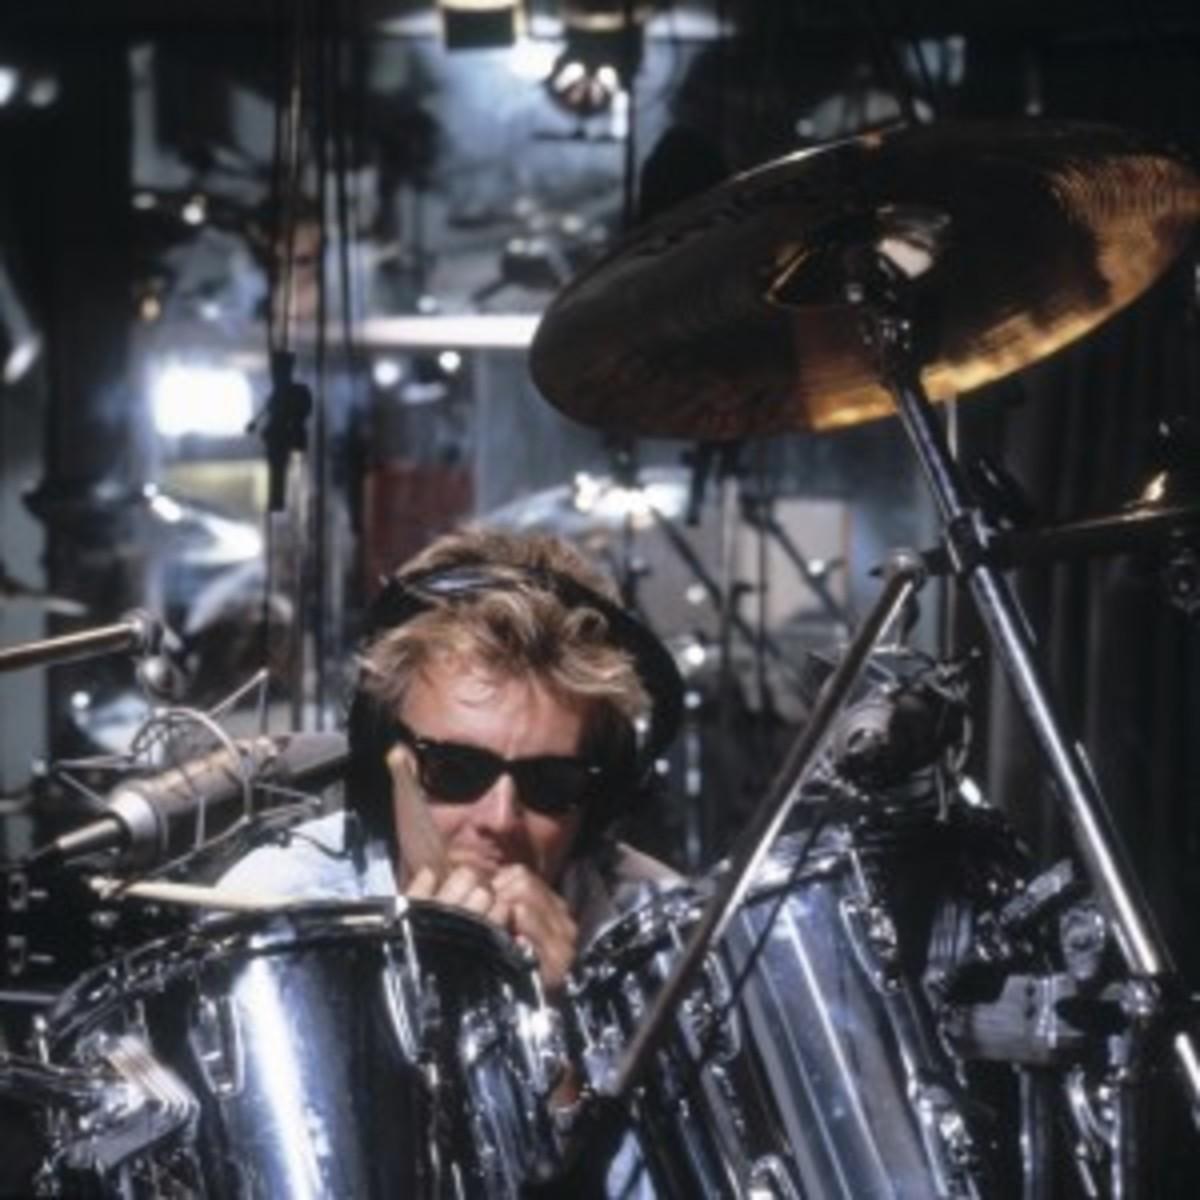 Queen drummer Roger Taylor